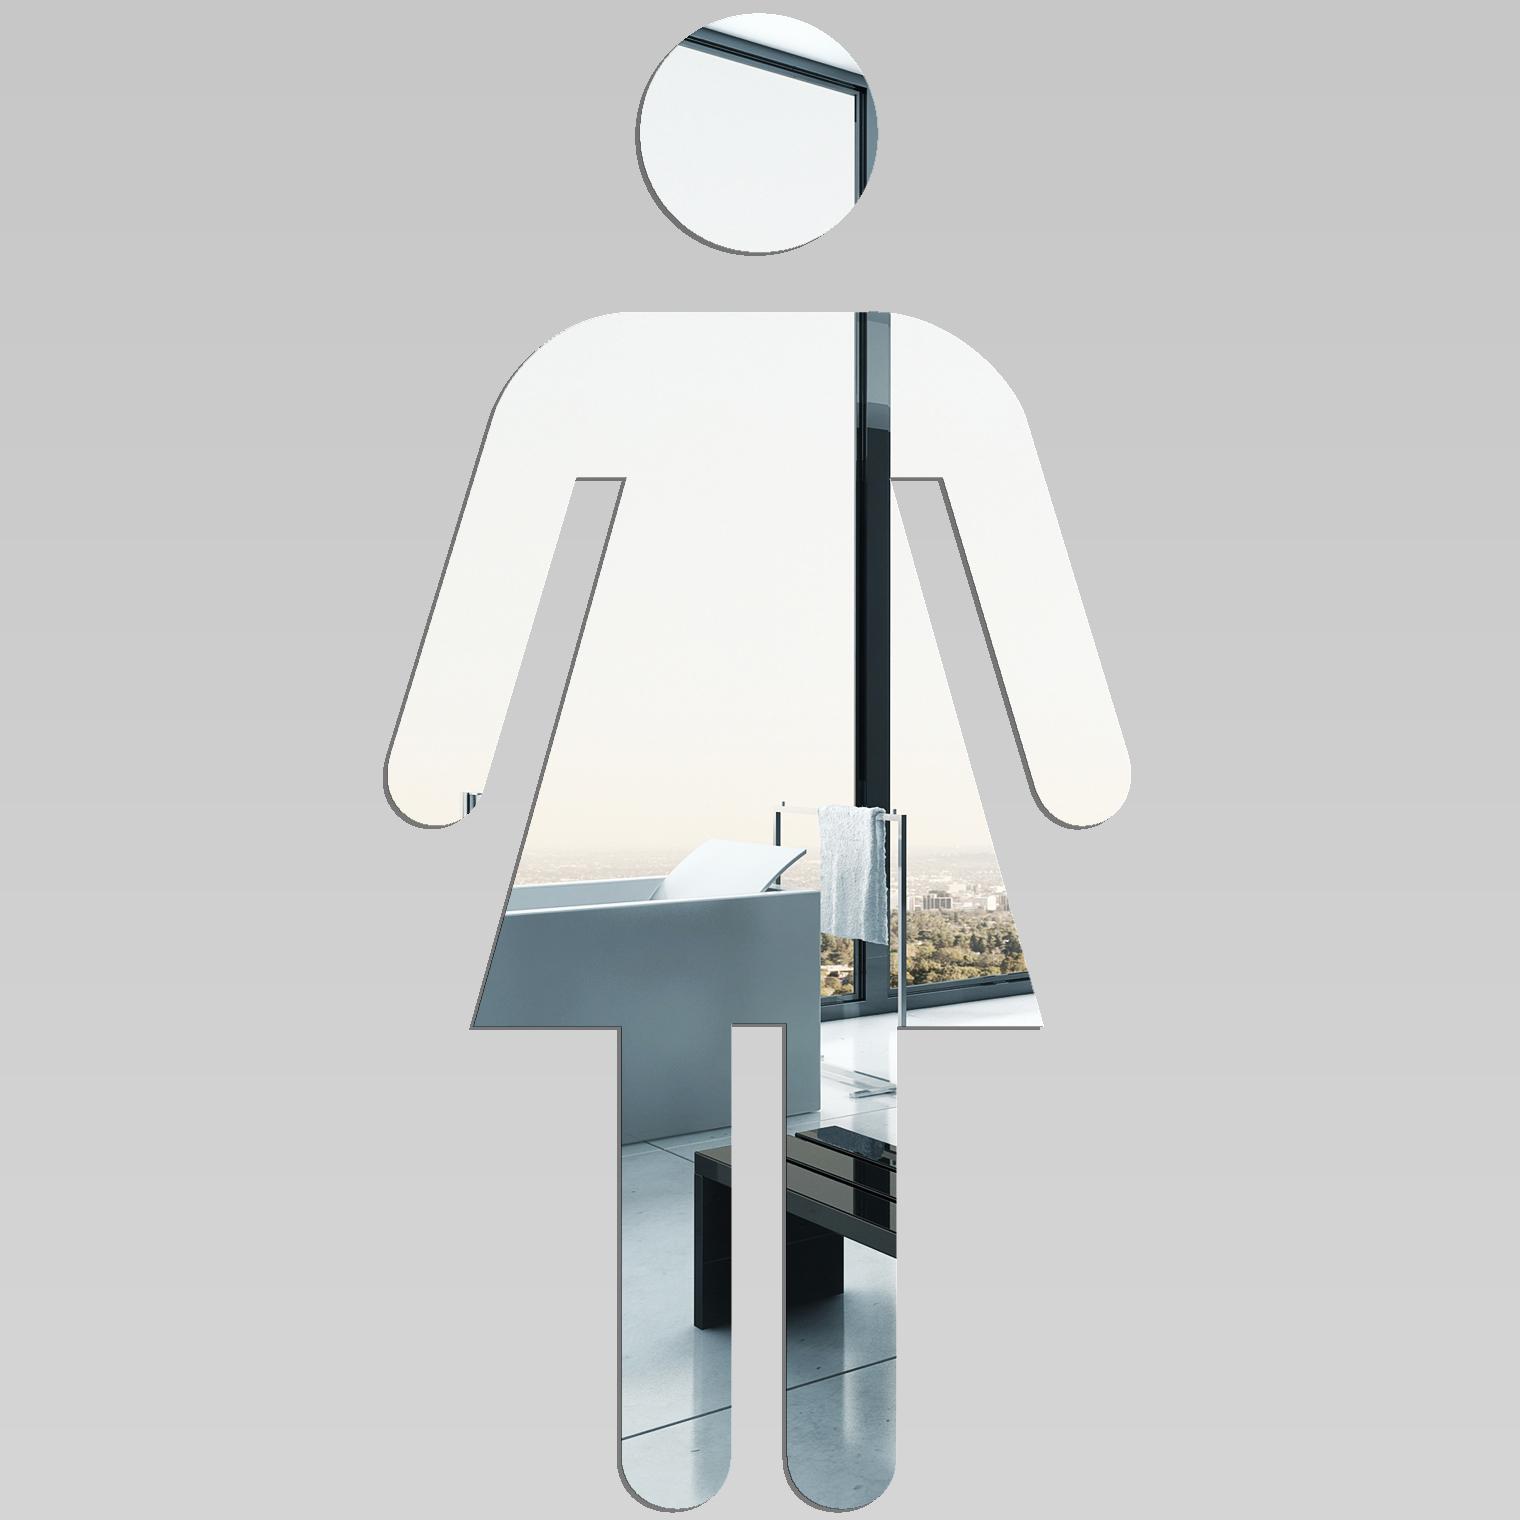 Miroir plexiglass acrylique wc femme pas cher for Miroir 45x90